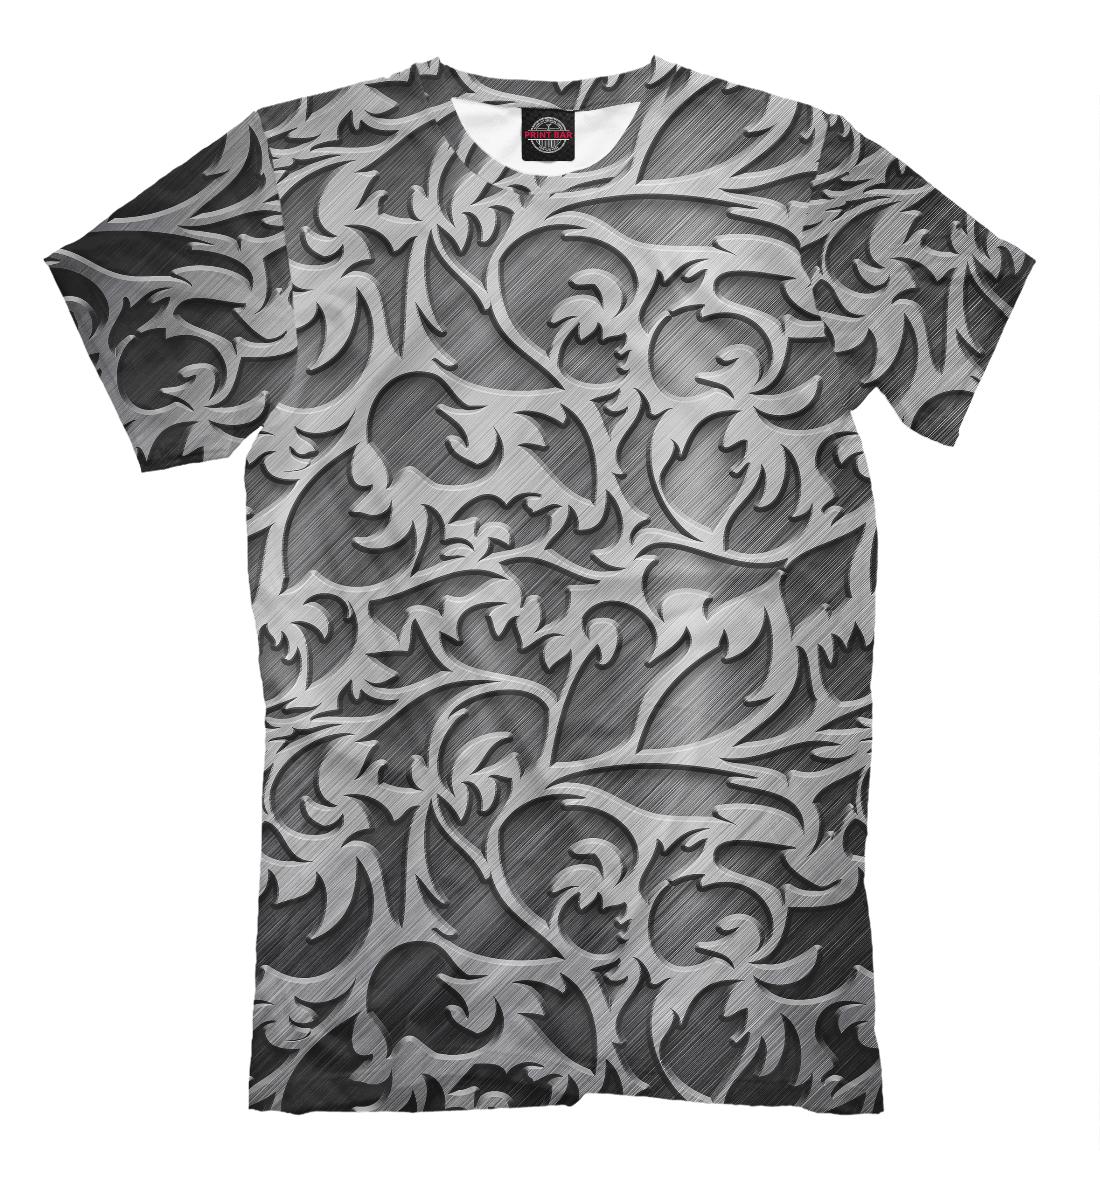 Купить Белое в Черном, Printbar, Футболки, APD-145665-fut-2